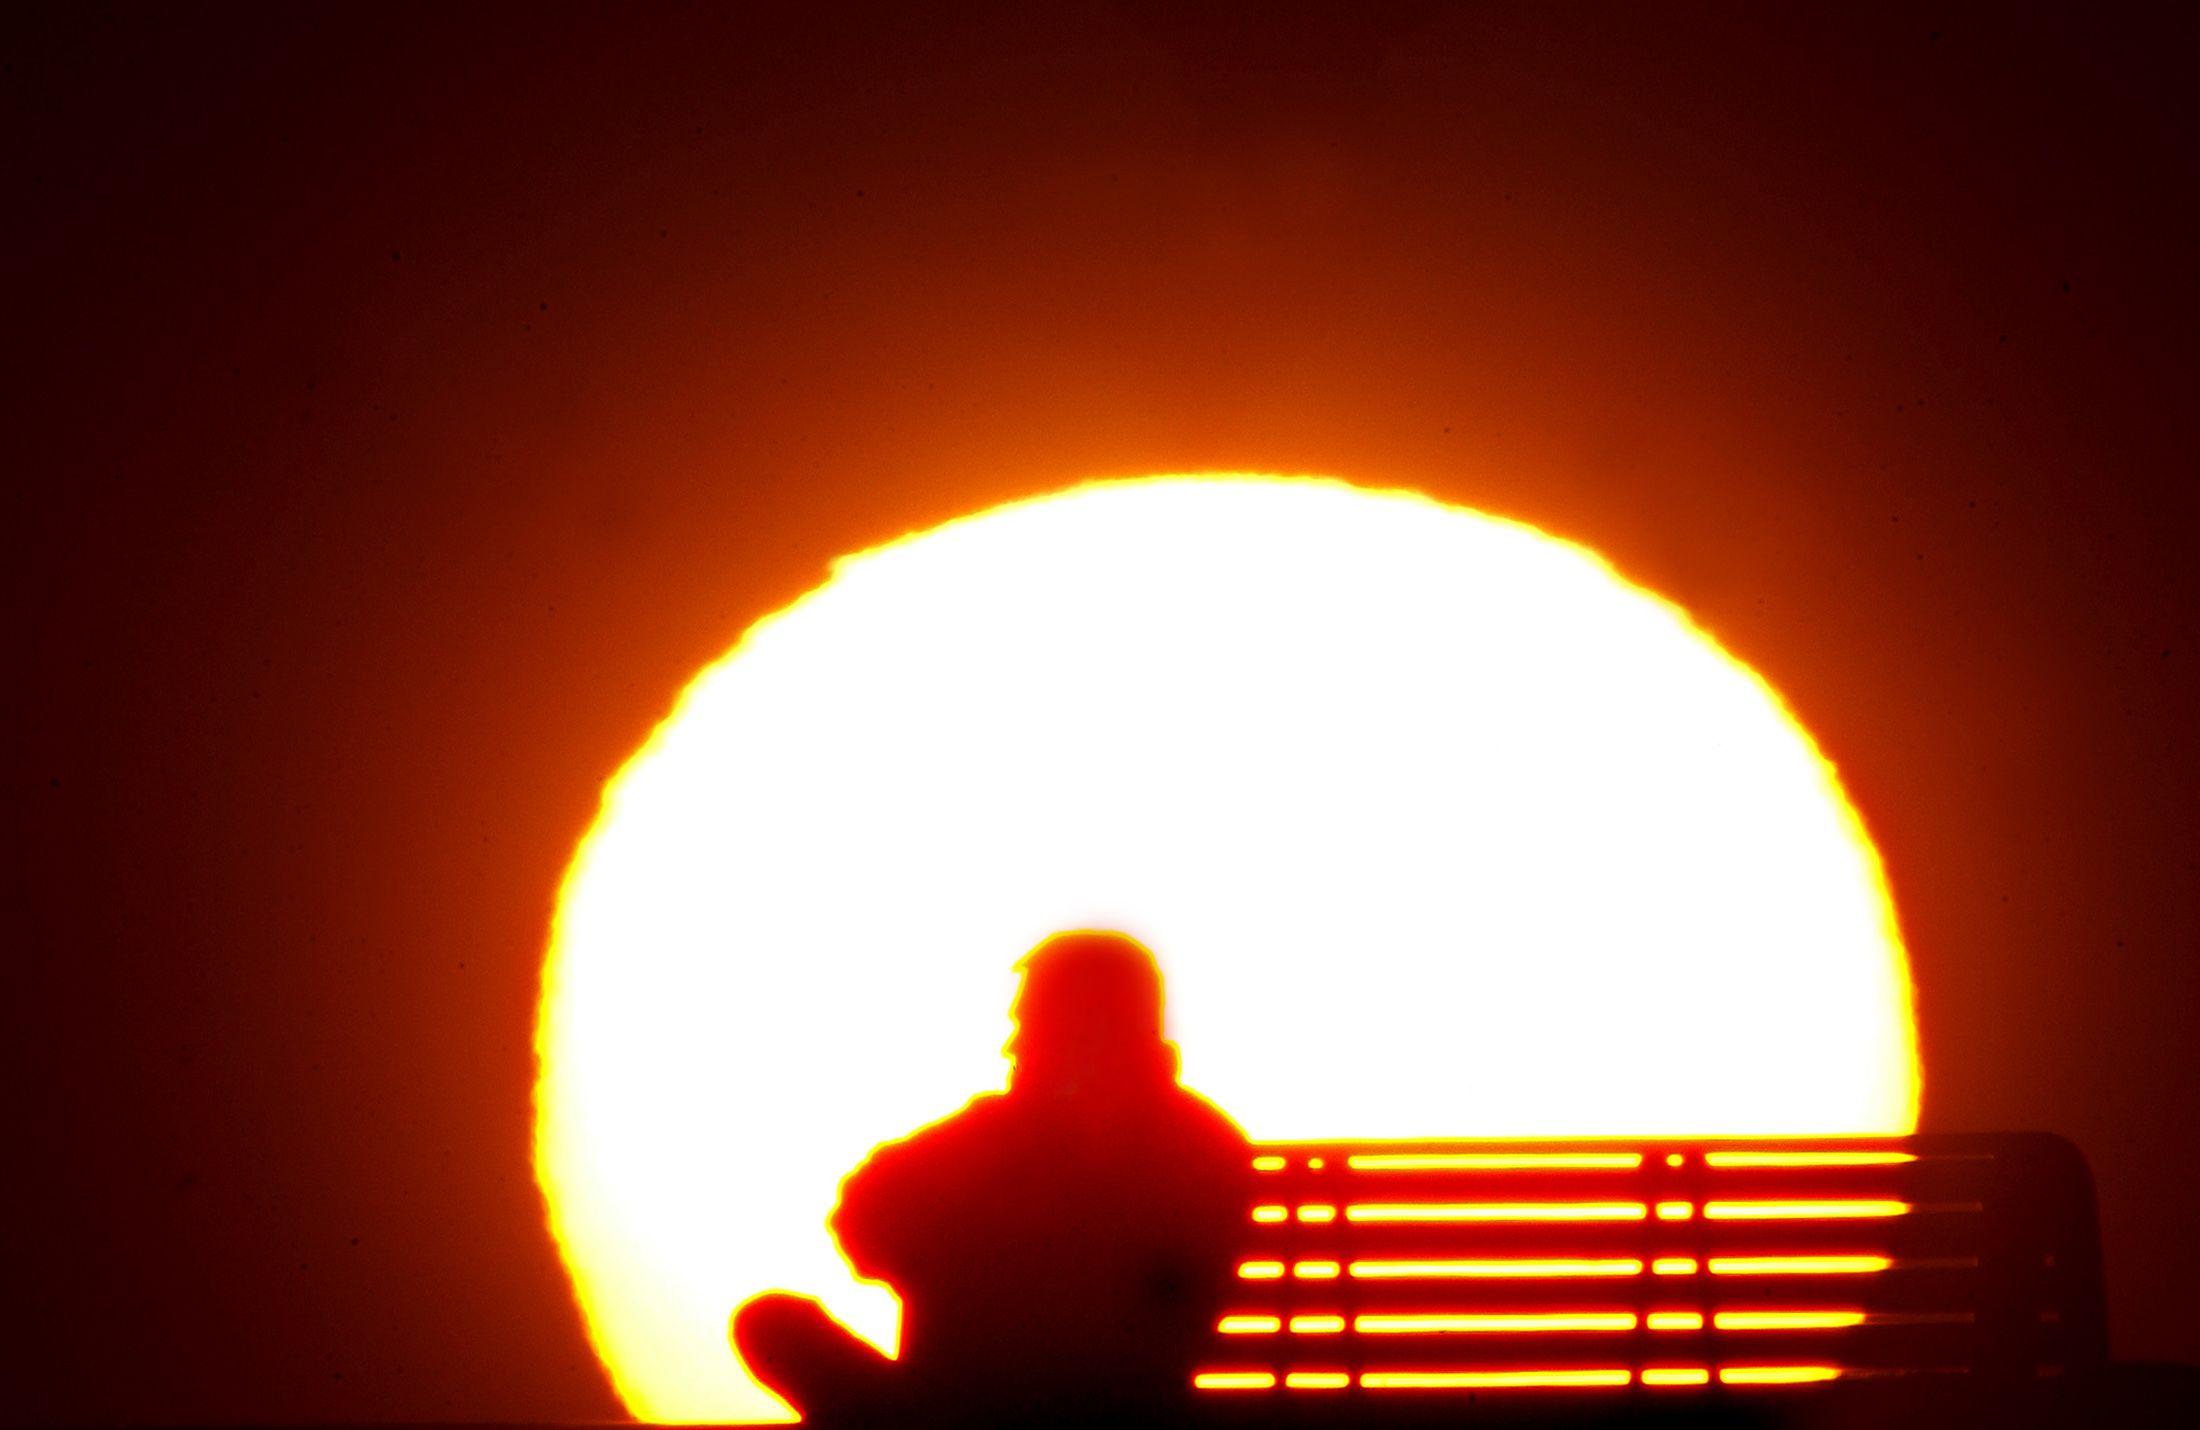 Des scientifiques envisagent de placer un pare-soleil géant dans le ciel pour lutter contre le dérèglement climatique